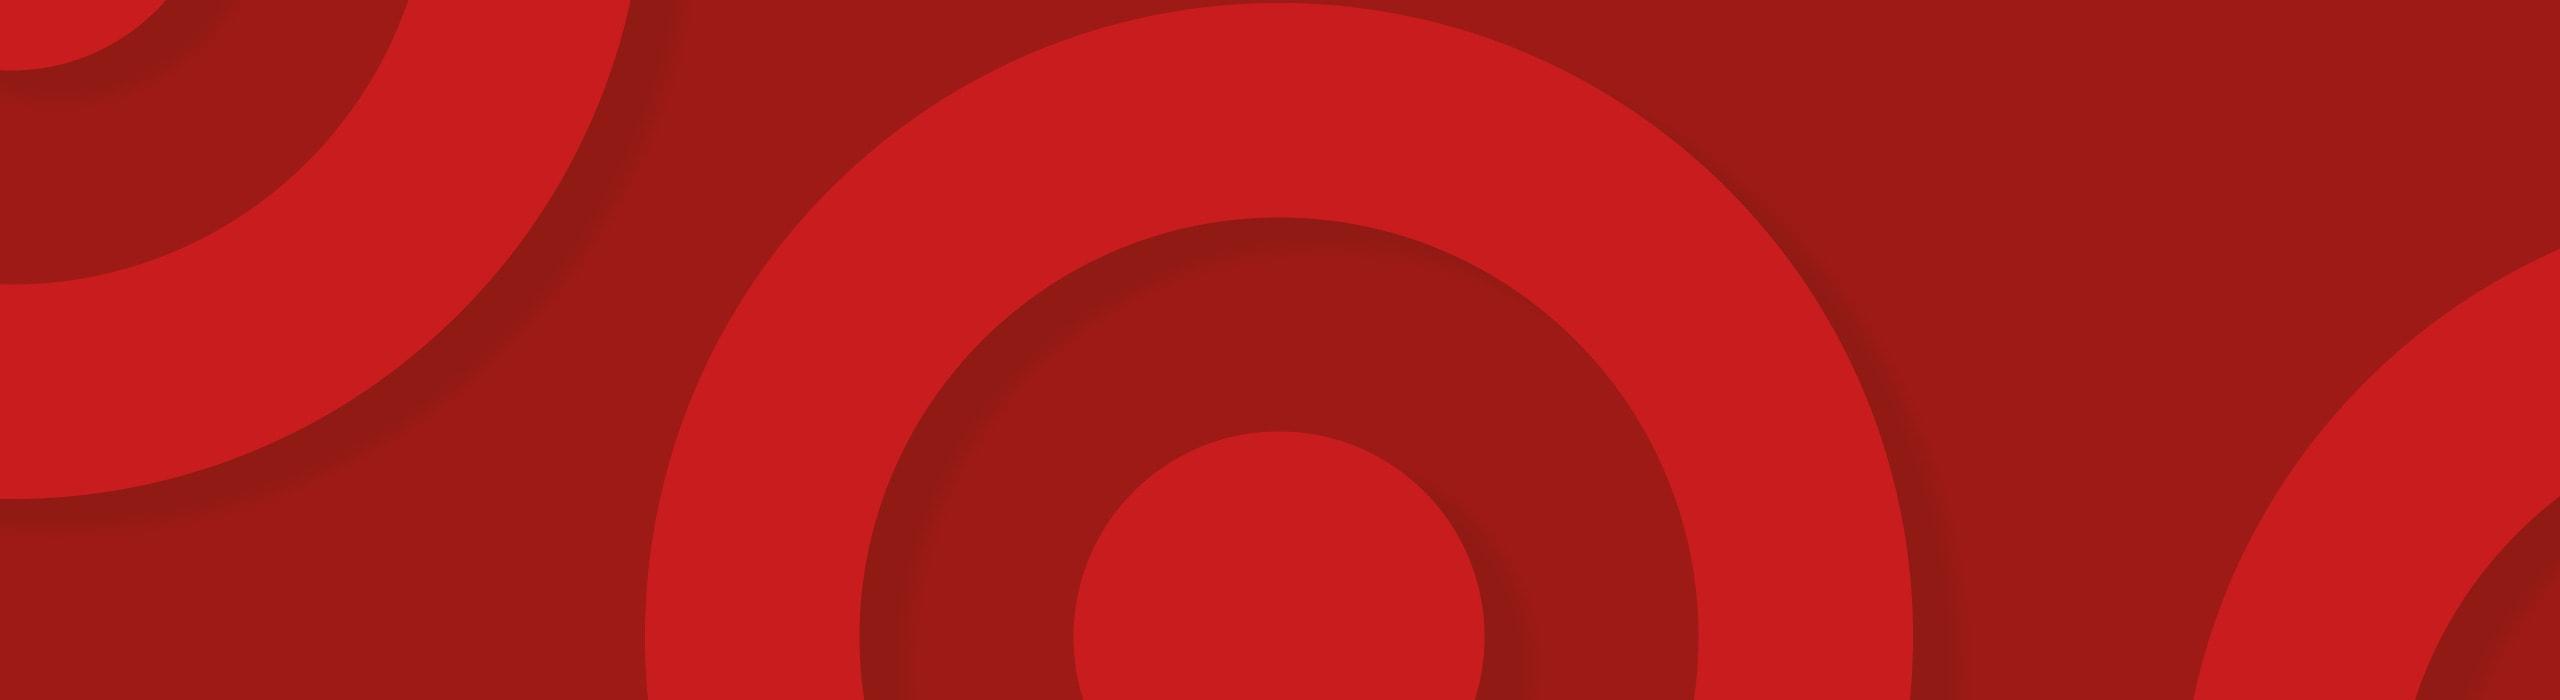 Target - natie-target-background-01 - Natie Branding Agency